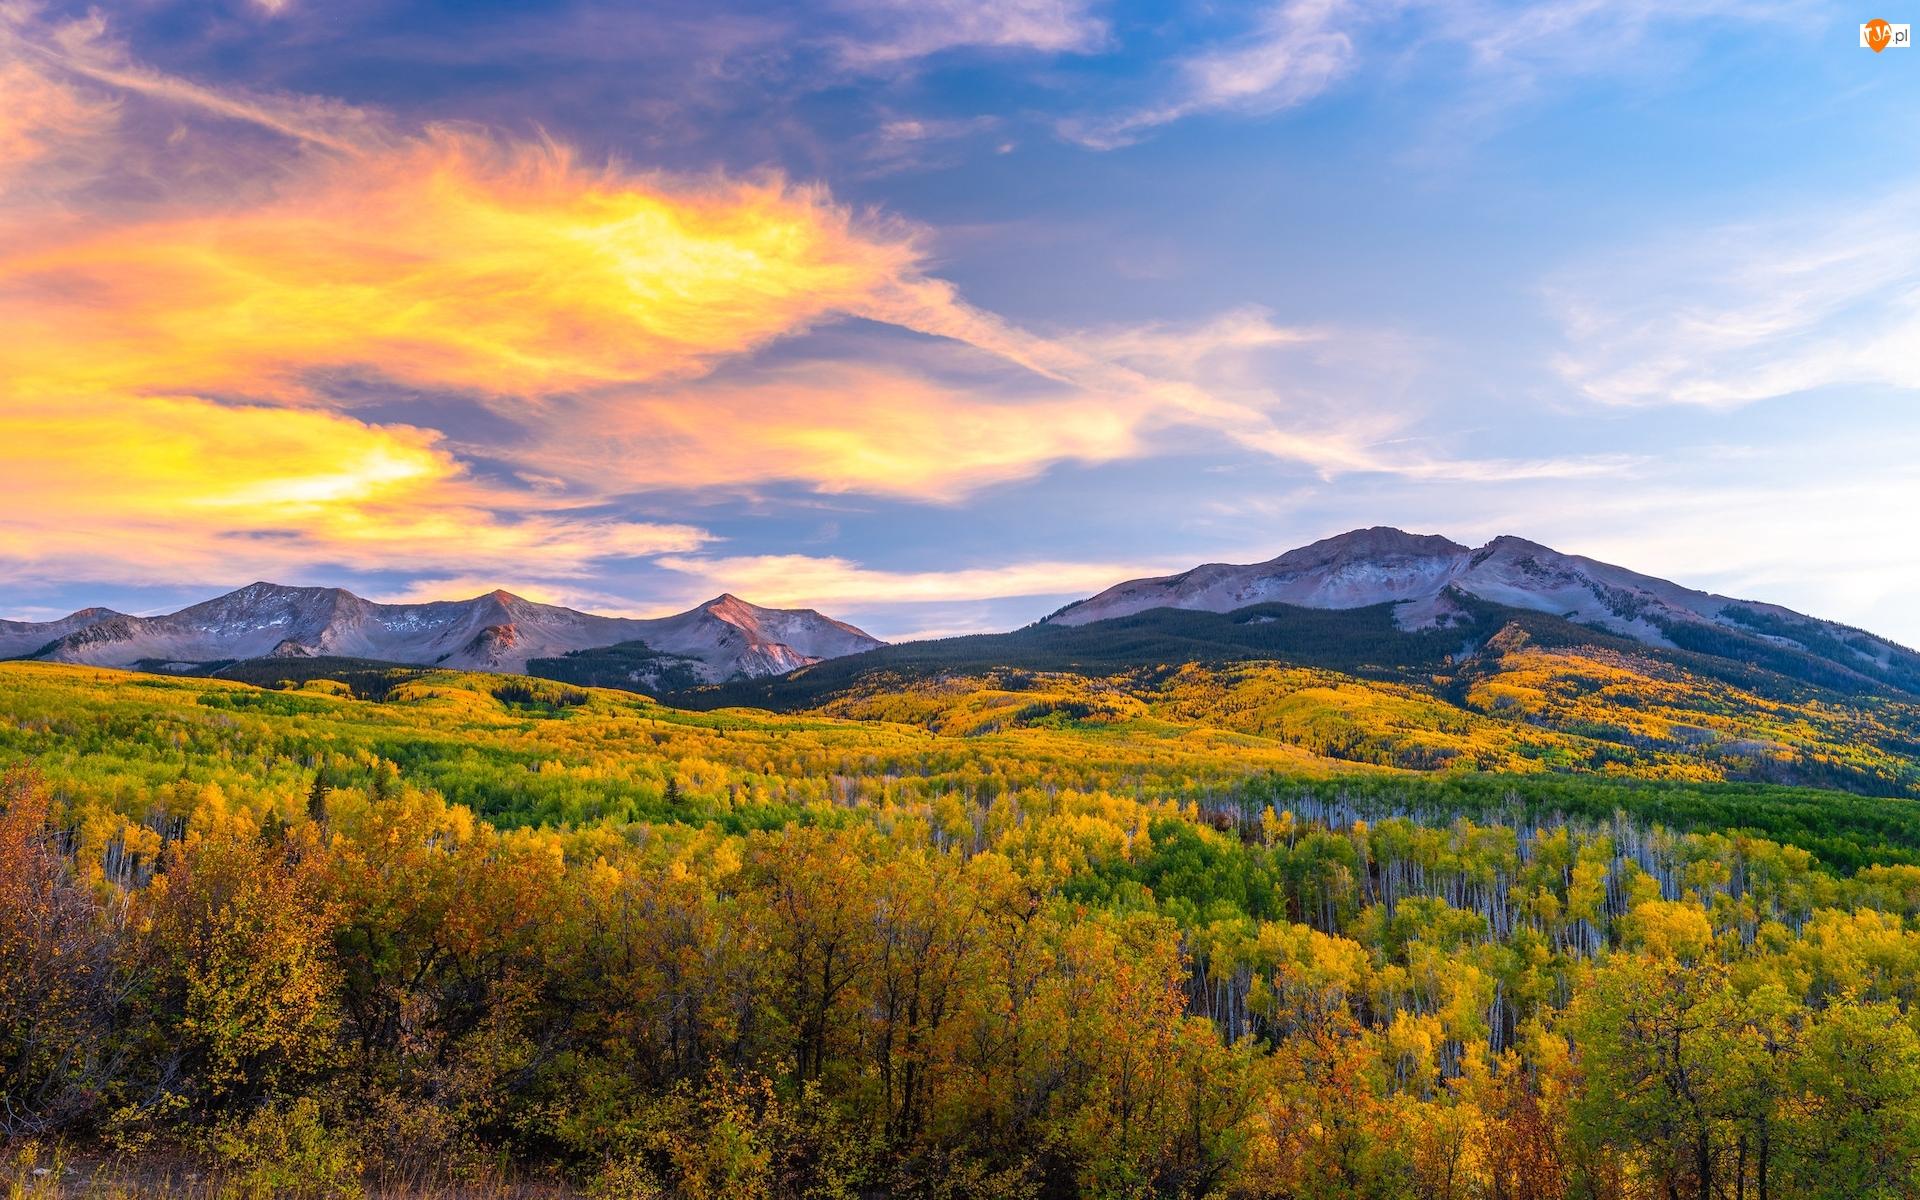 Jesień, Stany Zjednoczone, Kebler Pass, Drzewa, Kolorado, Góry, Lasy, Przełęcz